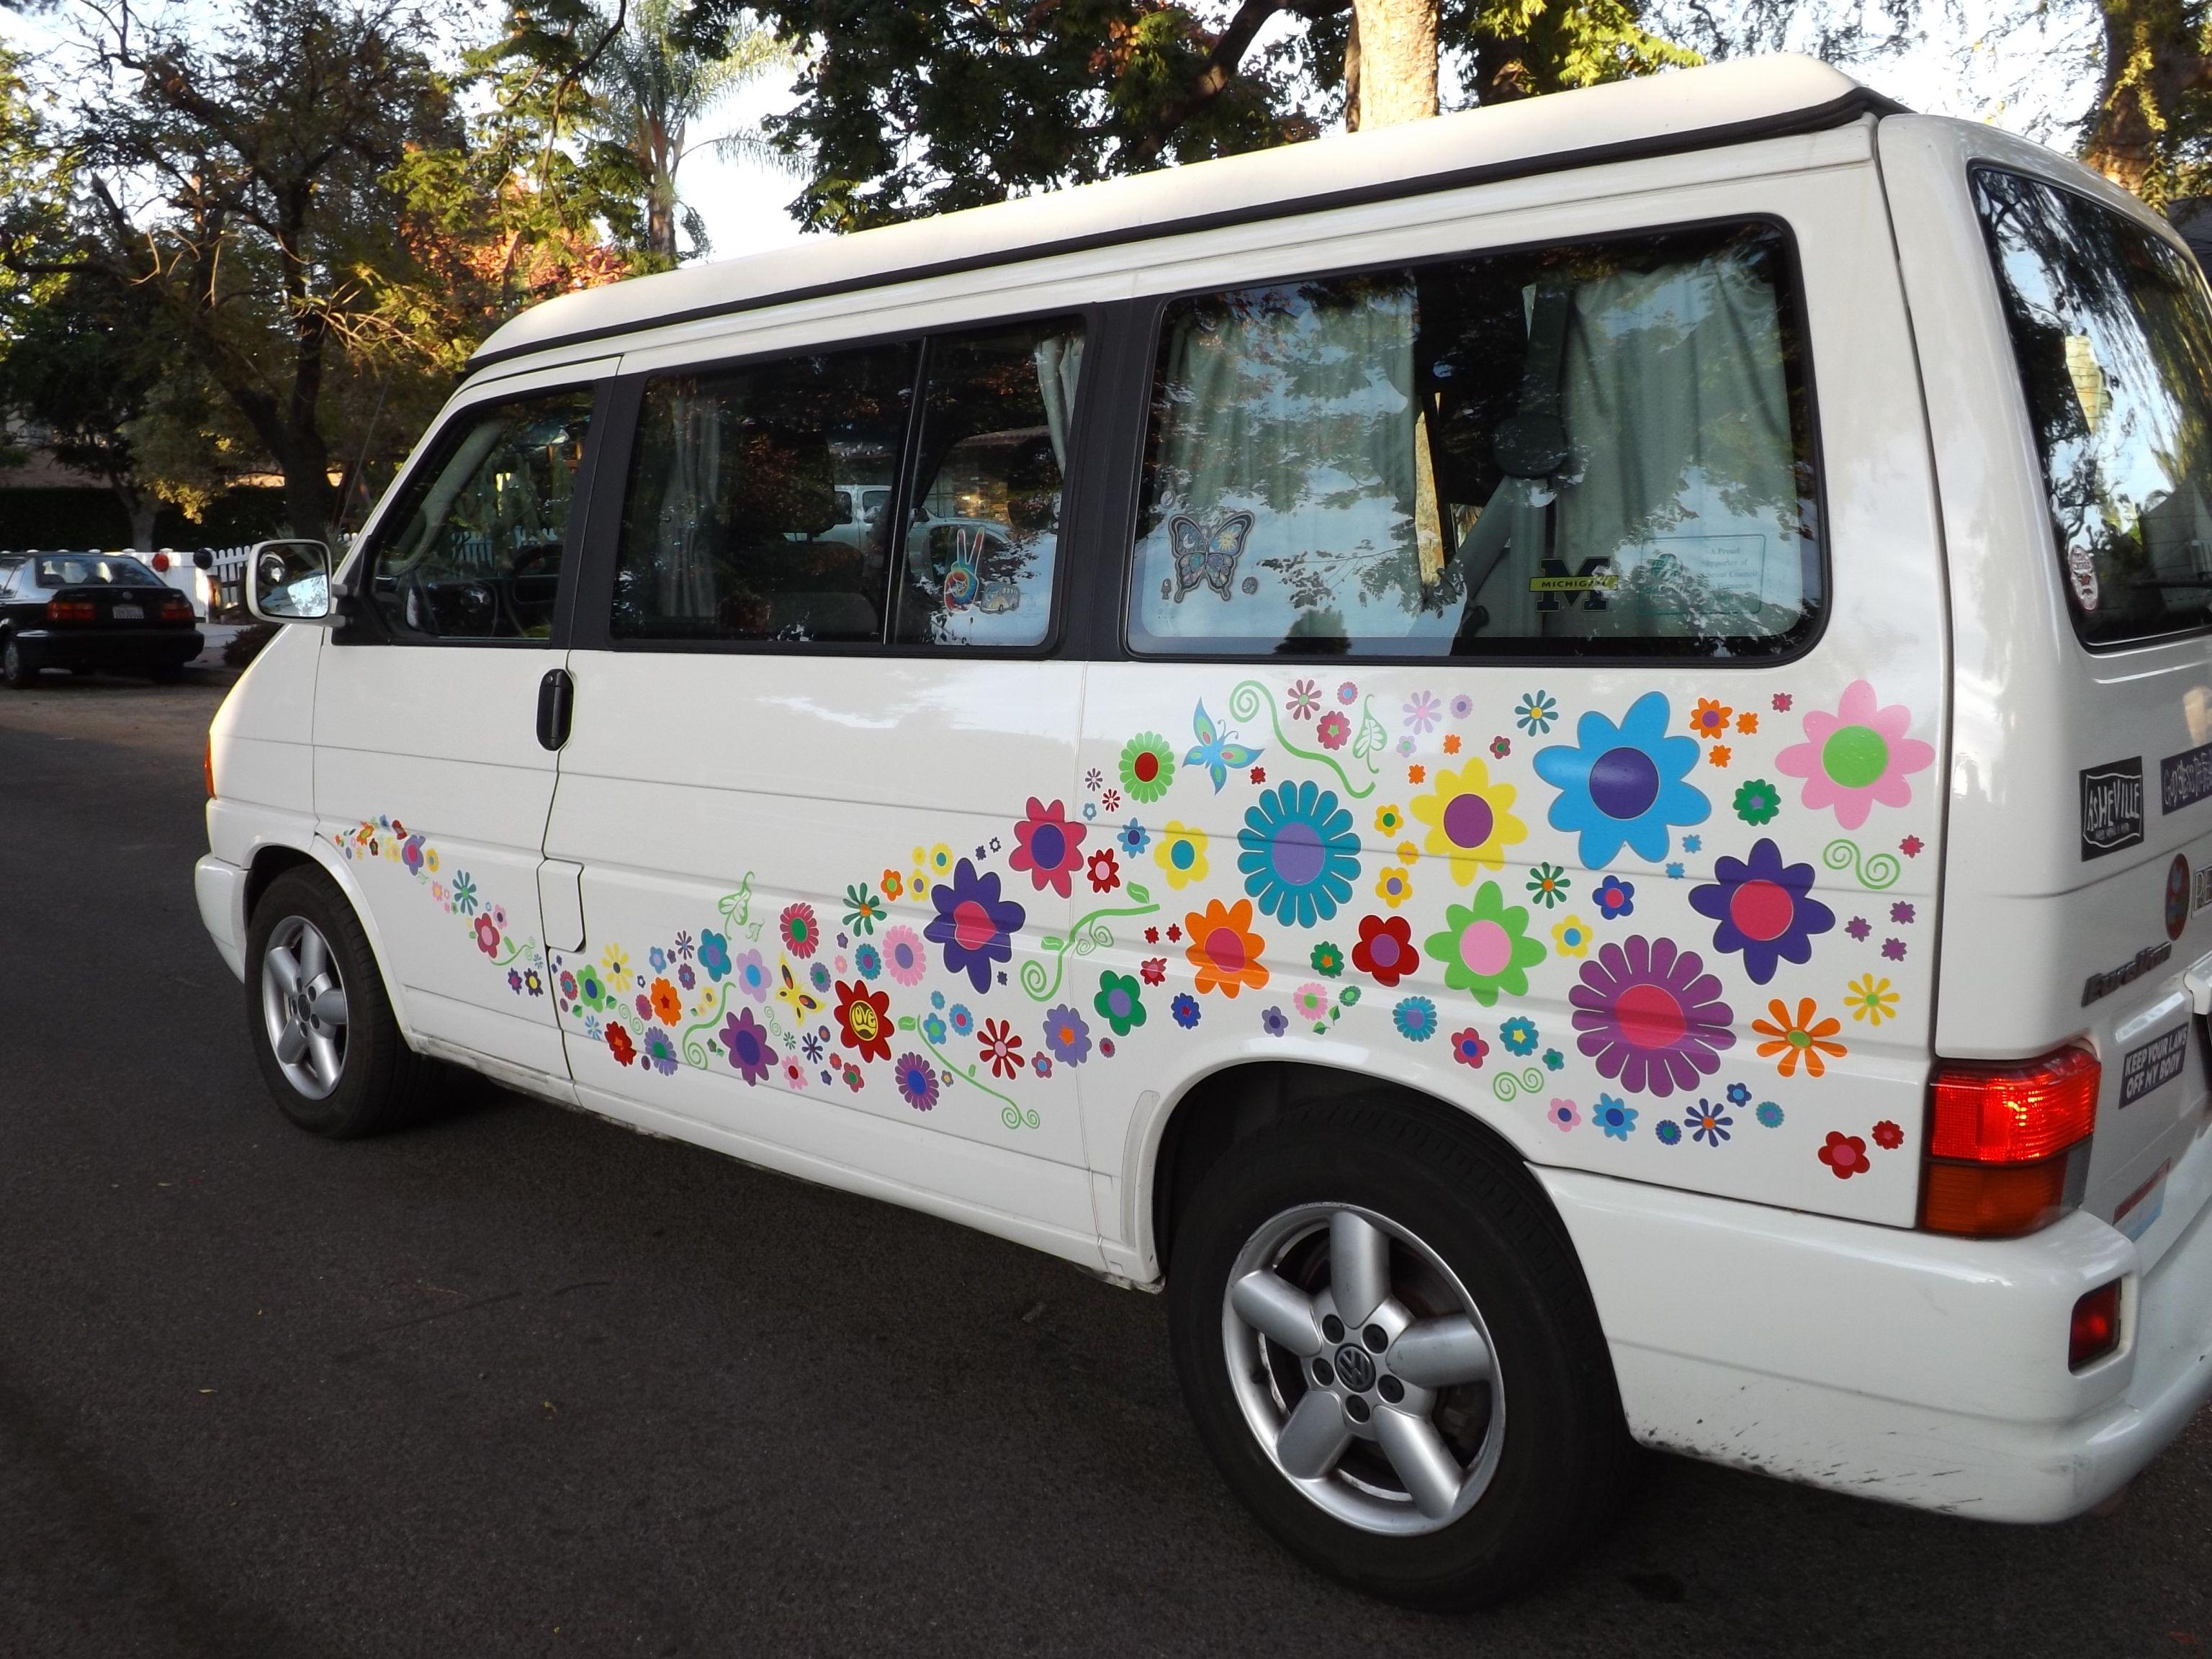 Vw Hippy Flower Makeover Car Sticker Ideas Vans Stickers Hippie Car [ 2304 x 3072 Pixel ]